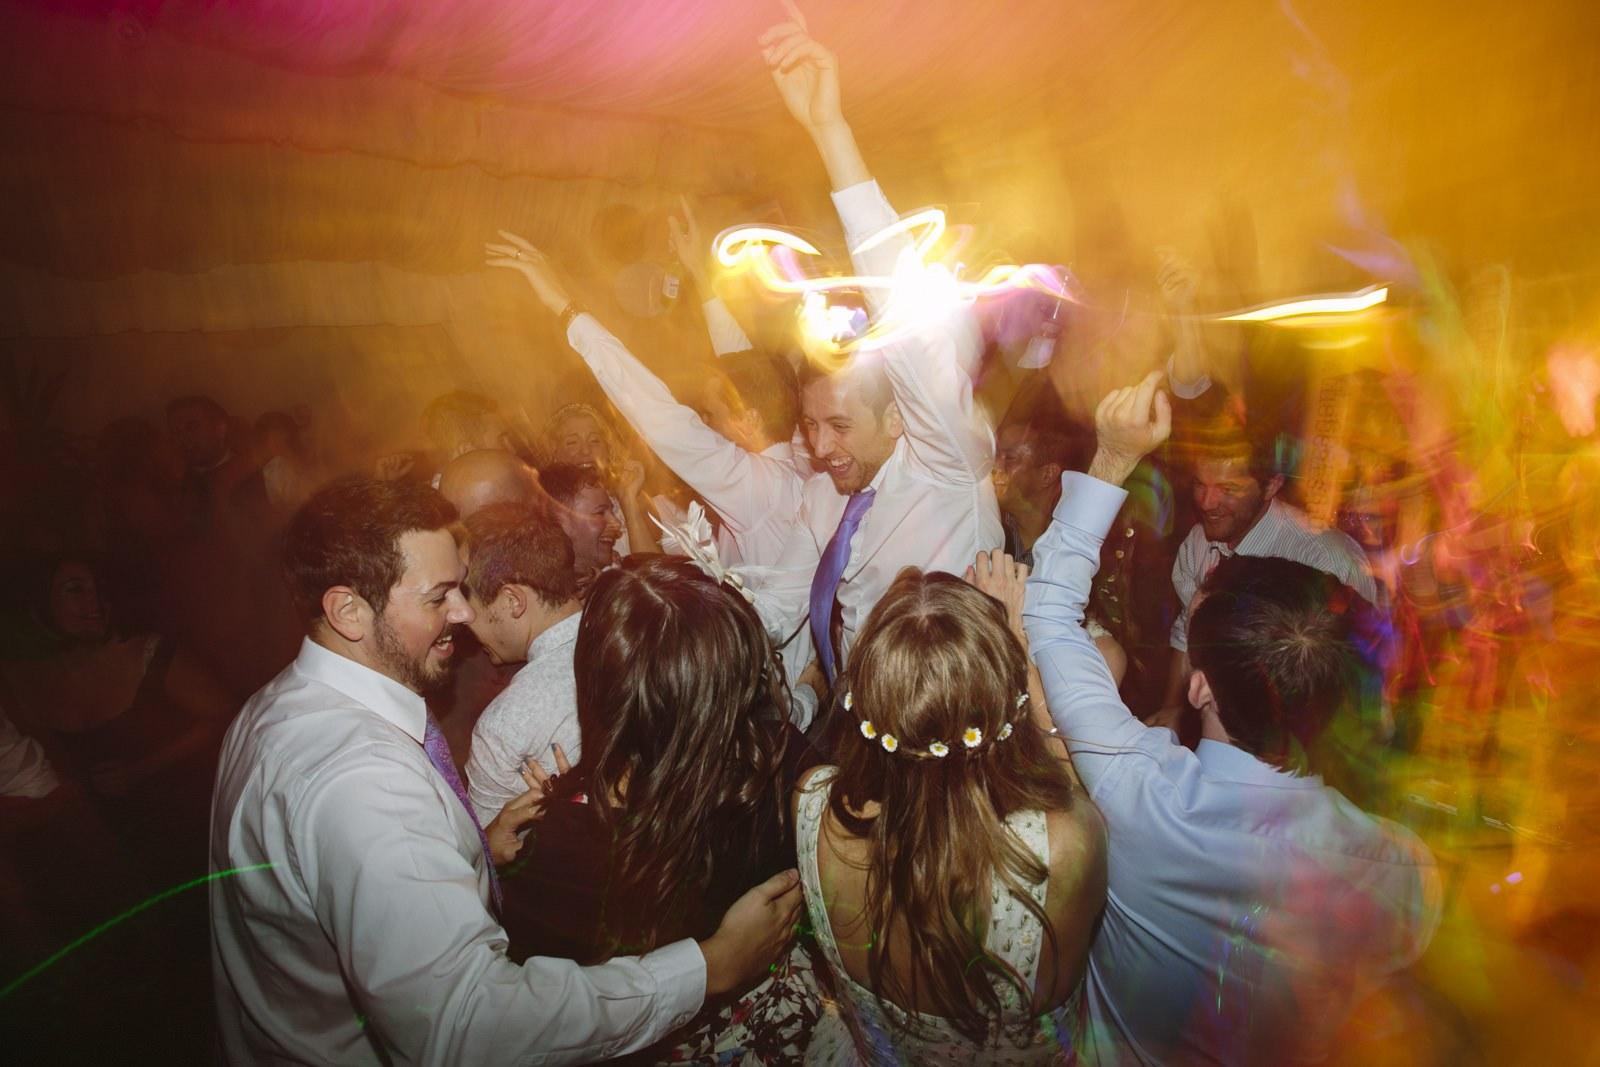 cambridge-event-party-2017-io-012